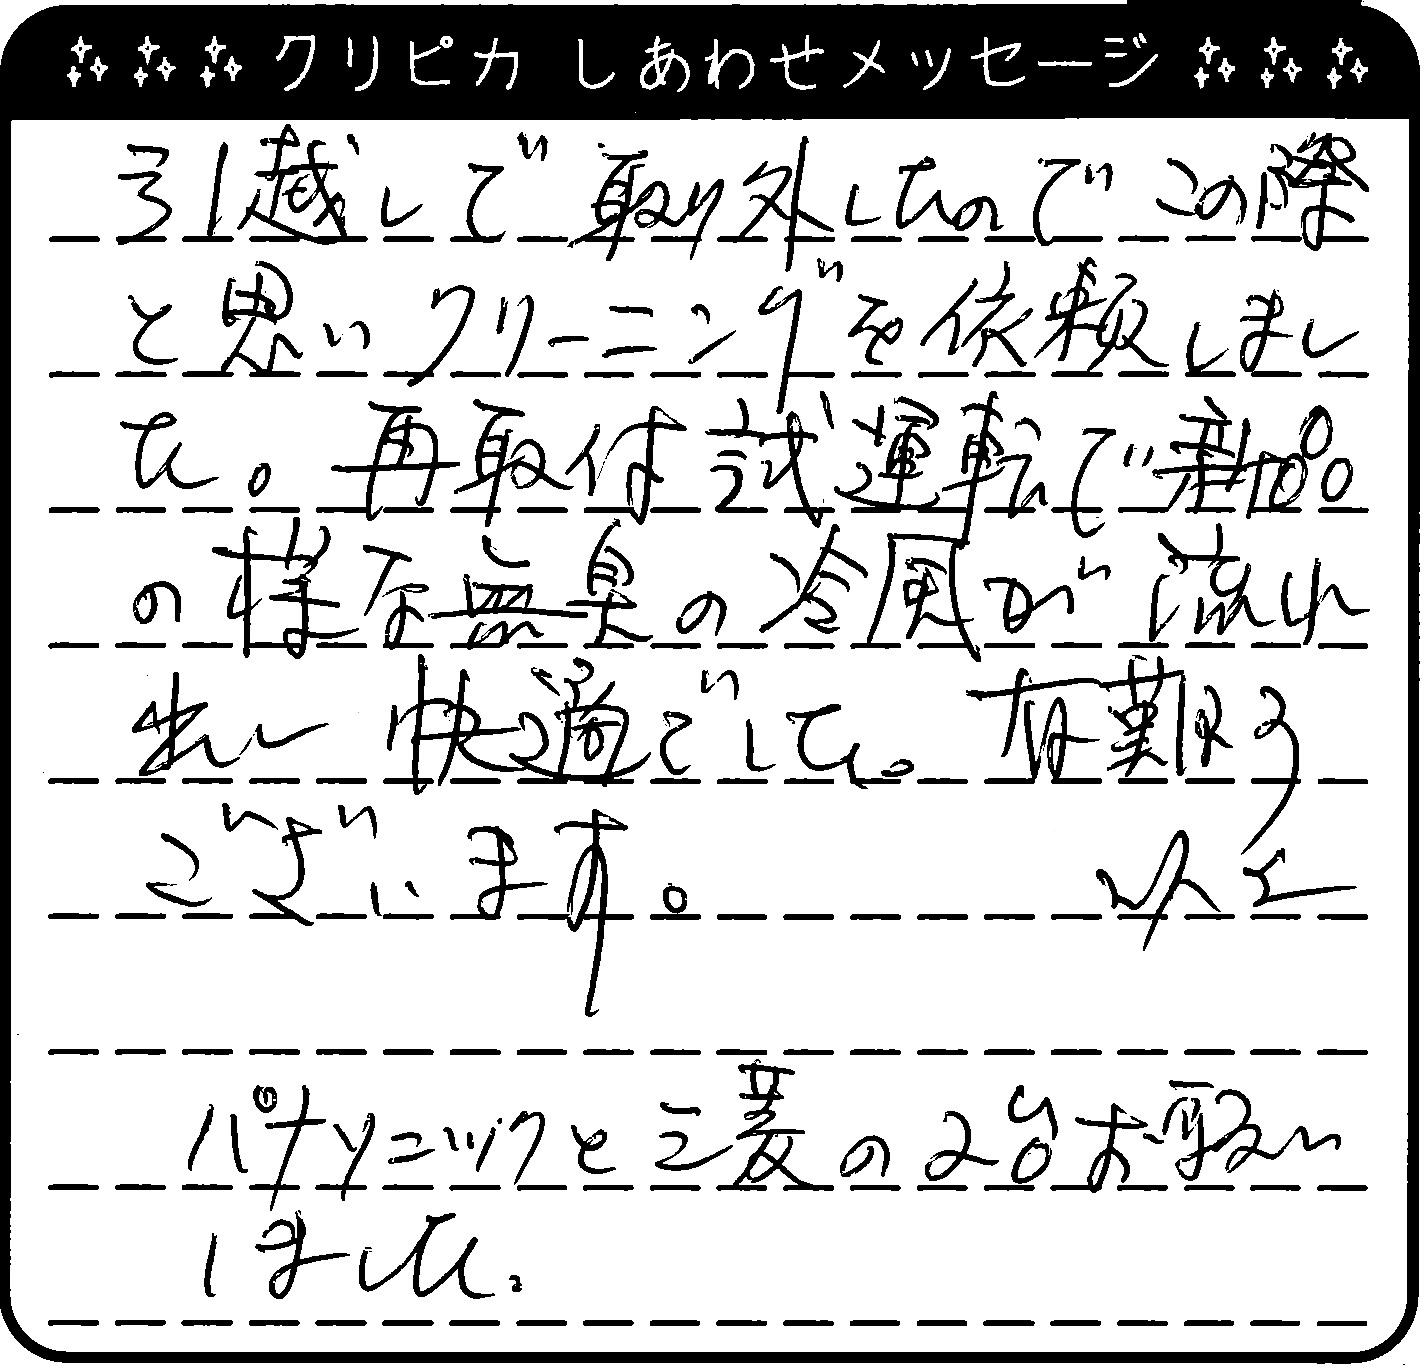 兵庫県 N様からのしあわせメッセージ